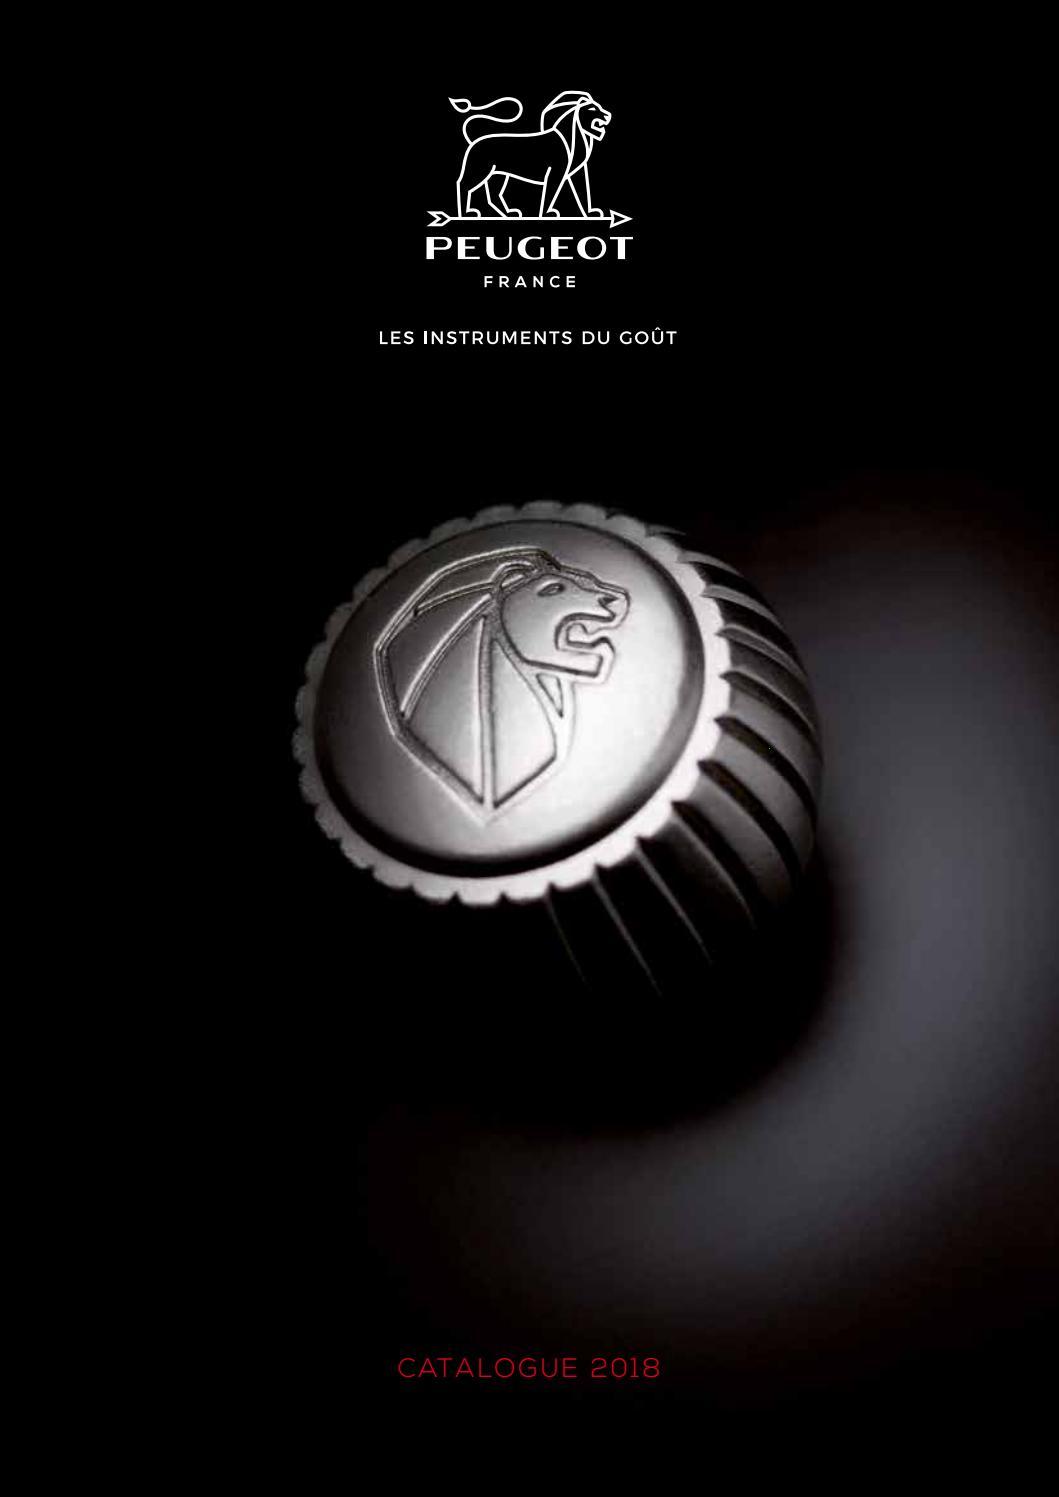 Peugeot Oléron Chili Moulin Acrylique De Hêtre Chocolat 14 cm 28428